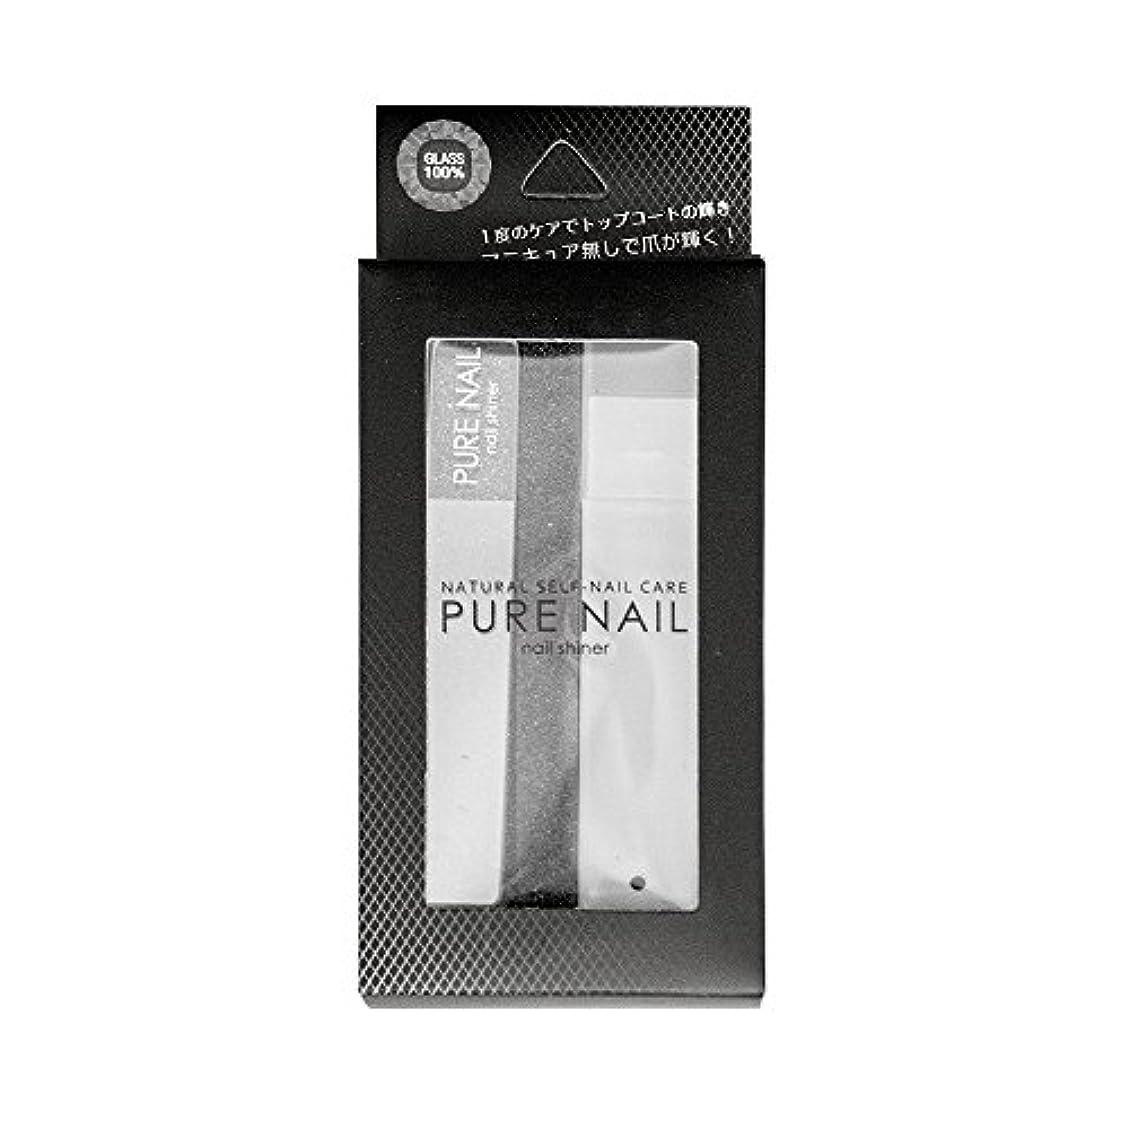 ライナー意義軸ピュアネイル PURE NAIL ガラス製 爪磨き 爪ヤスリ ガラス 爪みがき 爪やすり ネイルケア